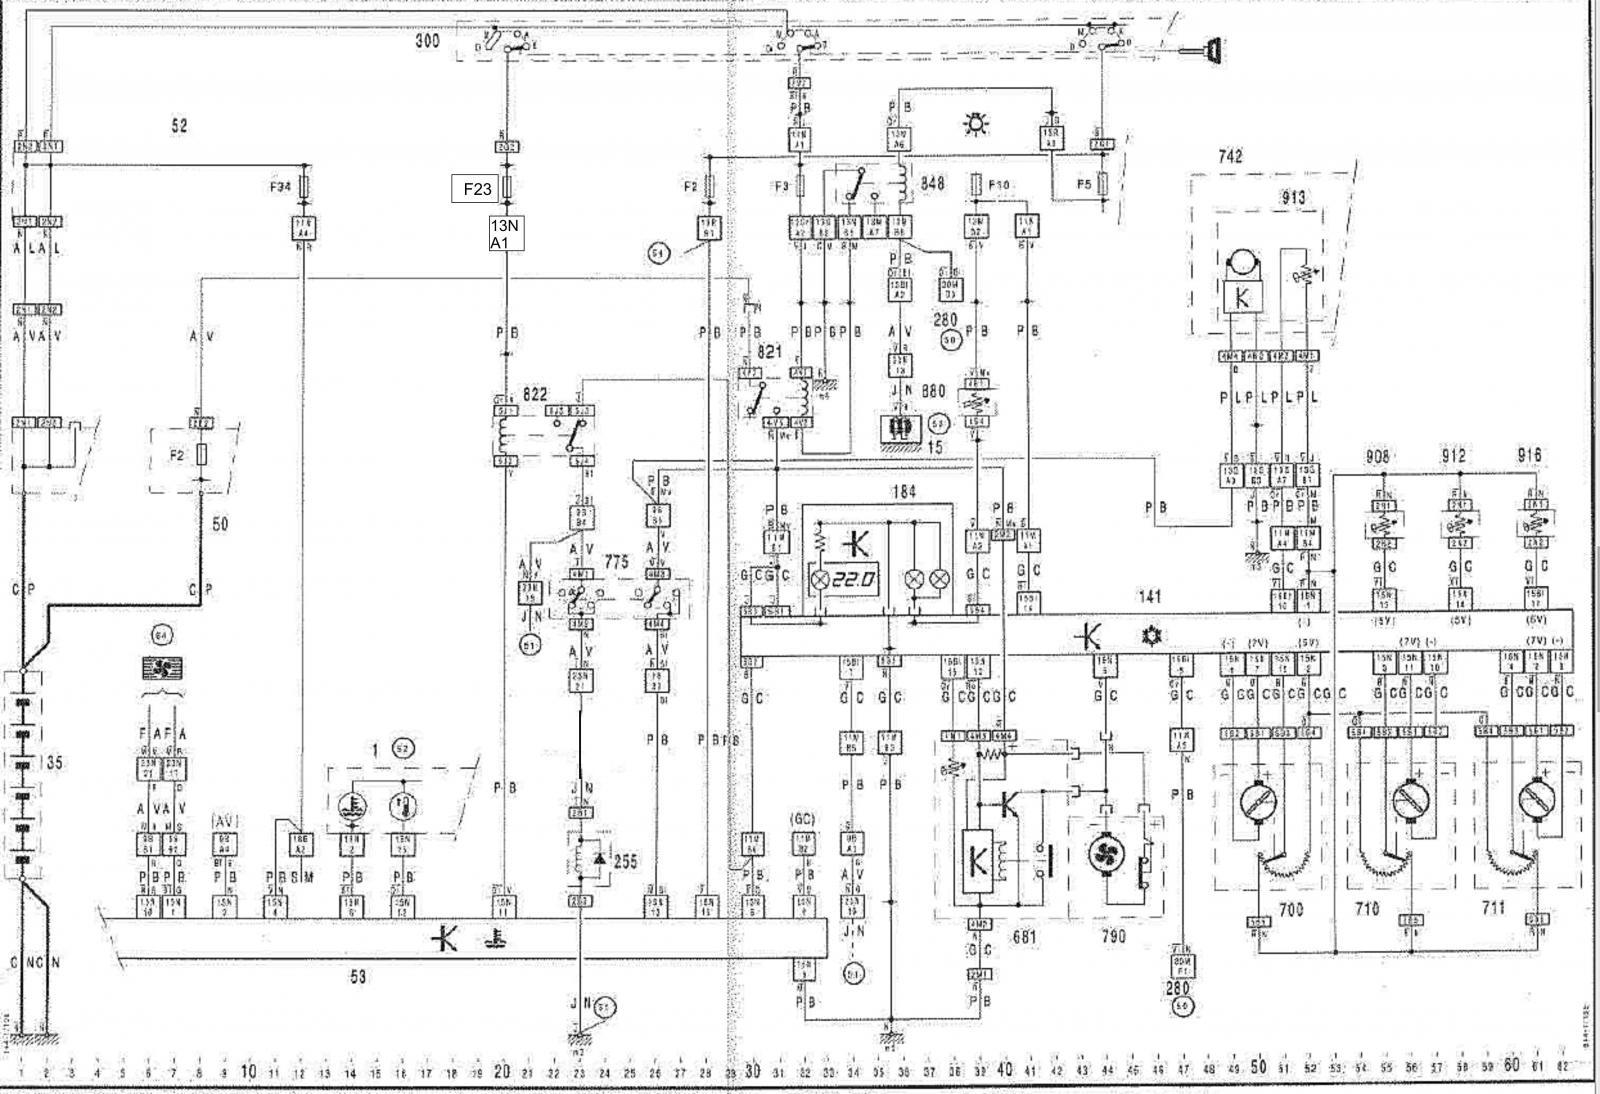 Tolle Heil Klimaanlage Schaltplan Bilder - Elektrische Schaltplan ...